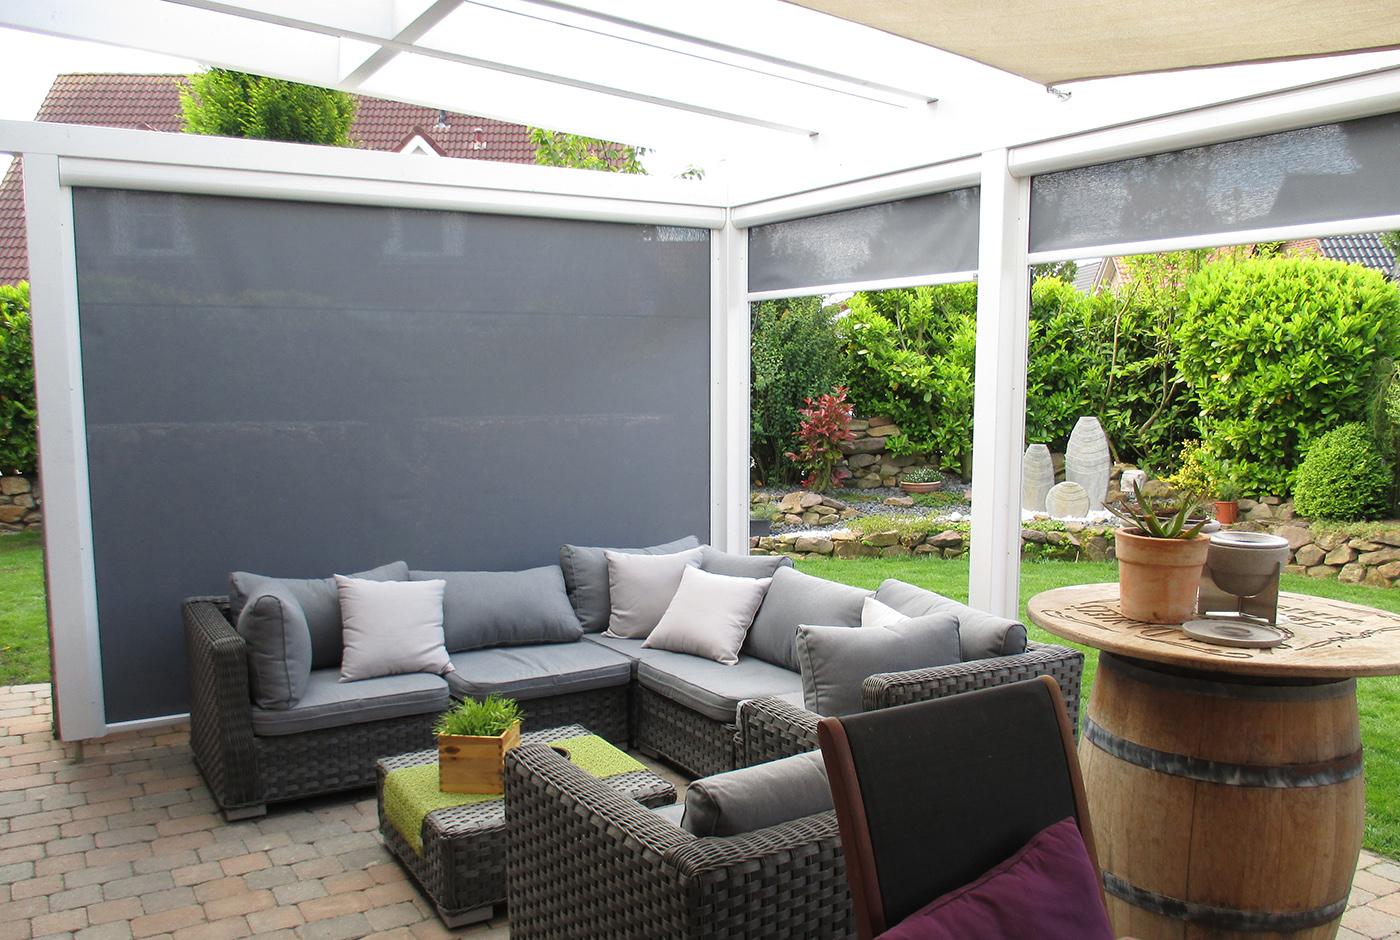 Full Size of Paravent Terrasse Garten Wohnzimmer Paravent Terrasse